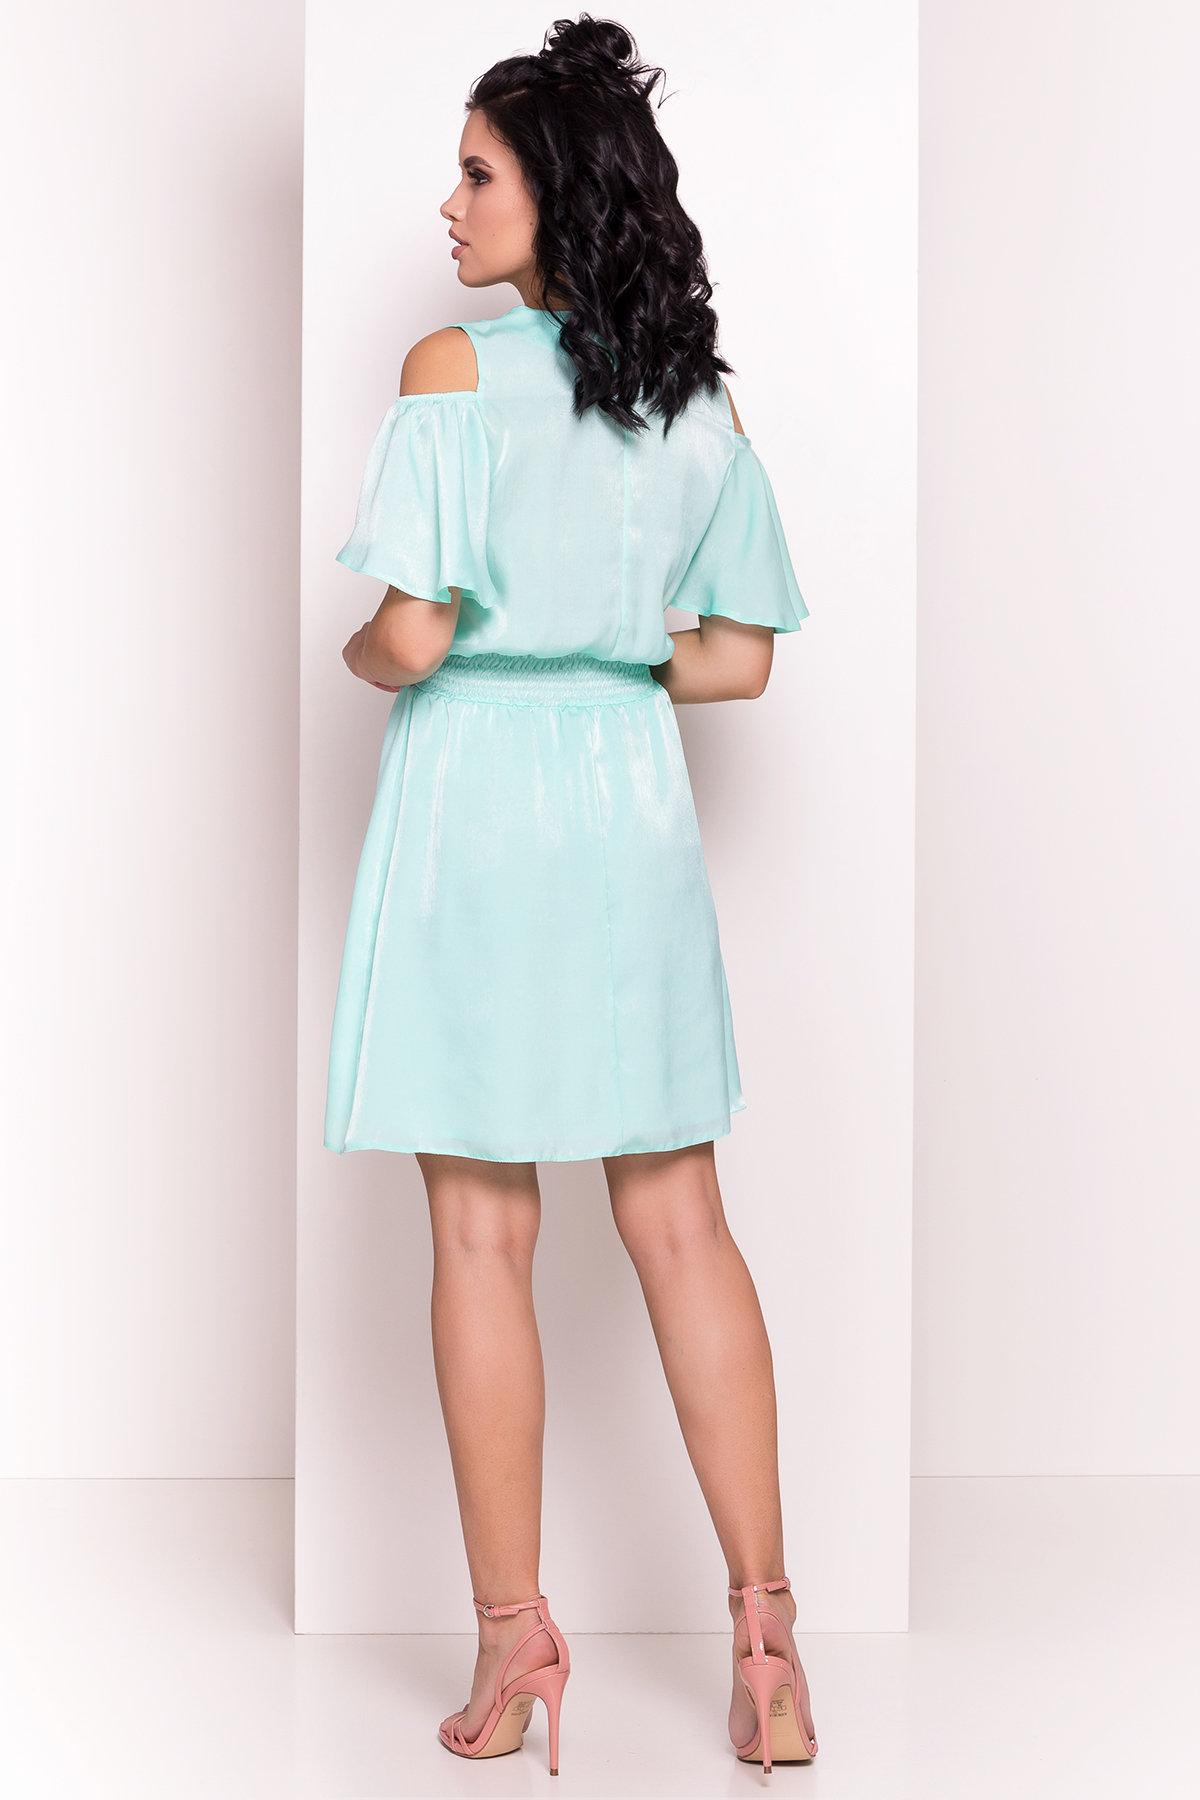 Платье Лолли 5073 АРТ. 35730 Цвет: Мята - фото 3, интернет магазин tm-modus.ru